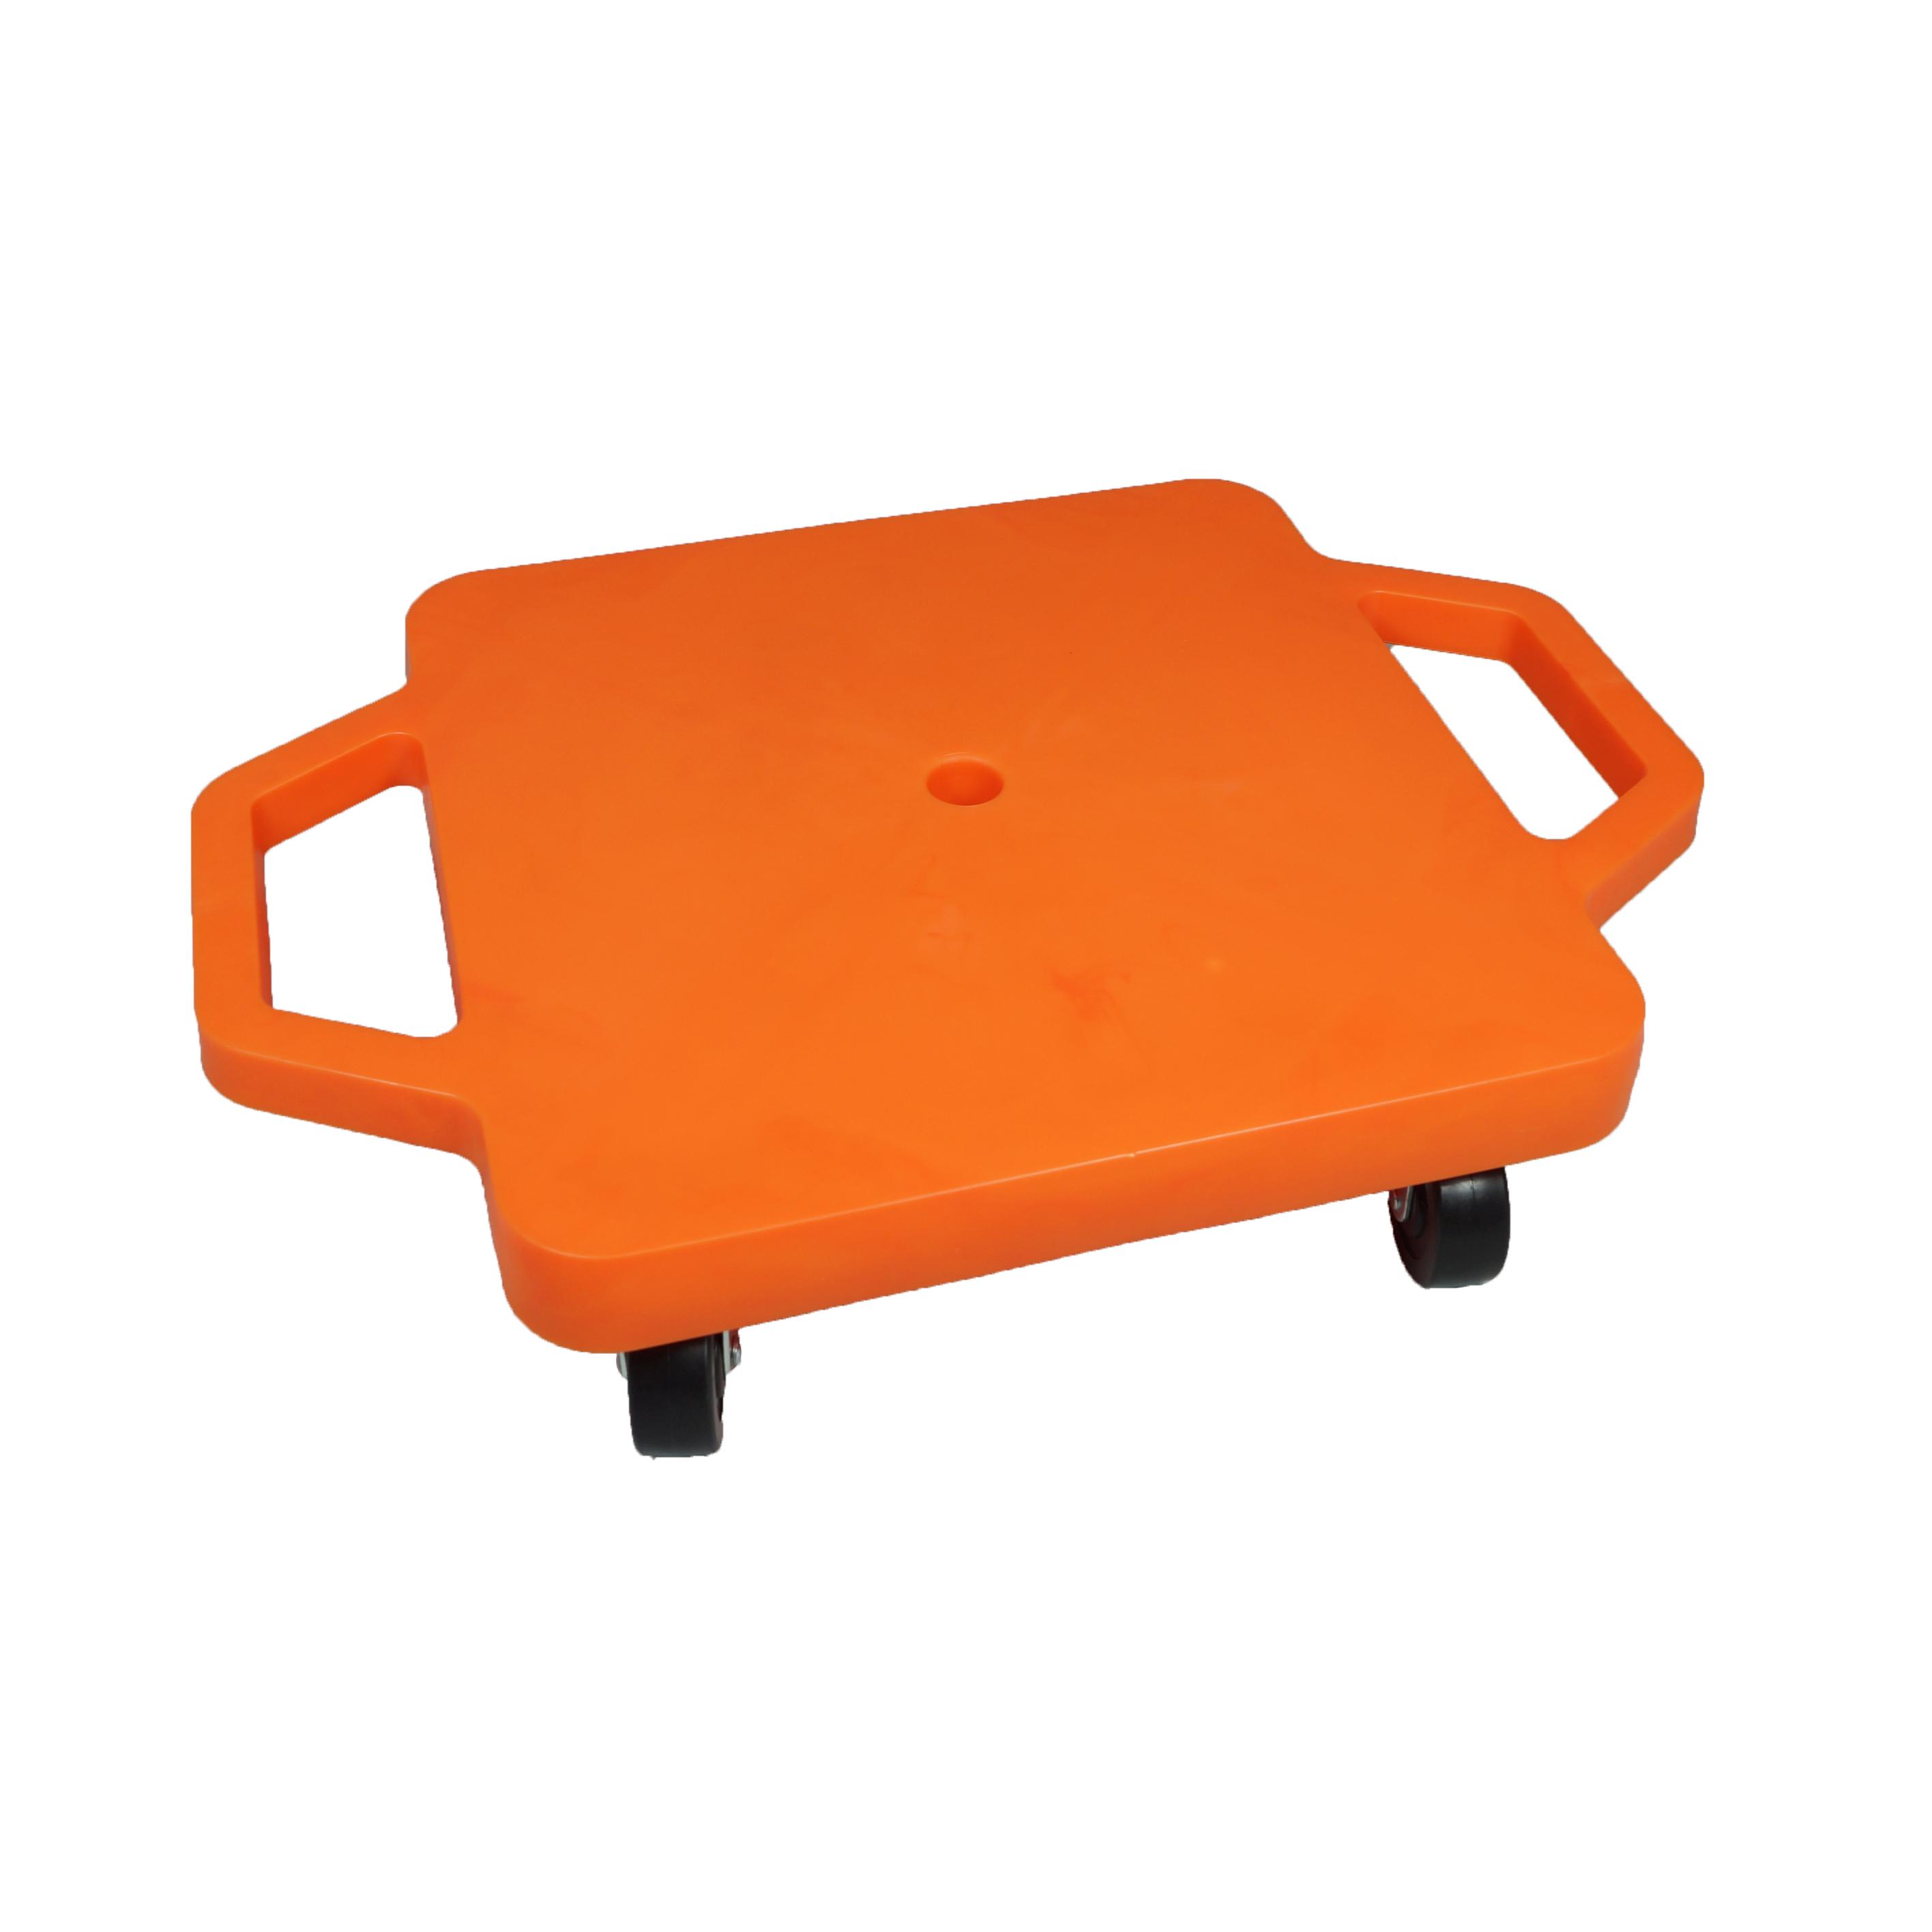 SYS116-O-12吋菱形手把滑板車-橘(室內用輪)